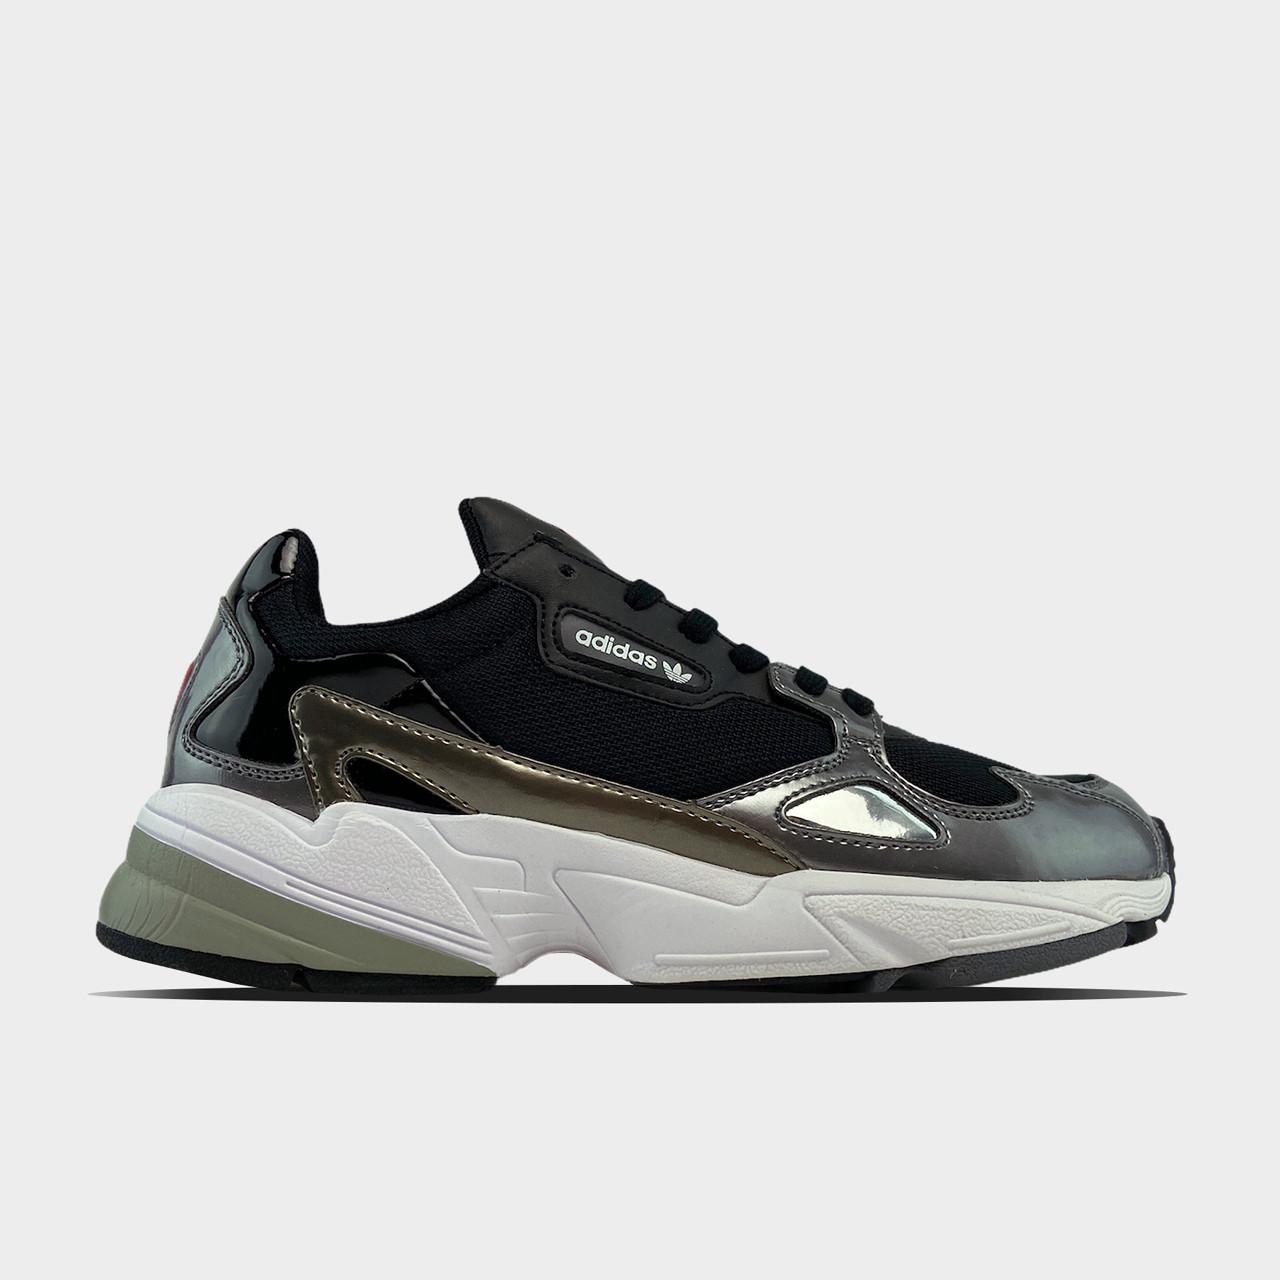 Жіночі кросівки Adidas Black Falcon Lacquered